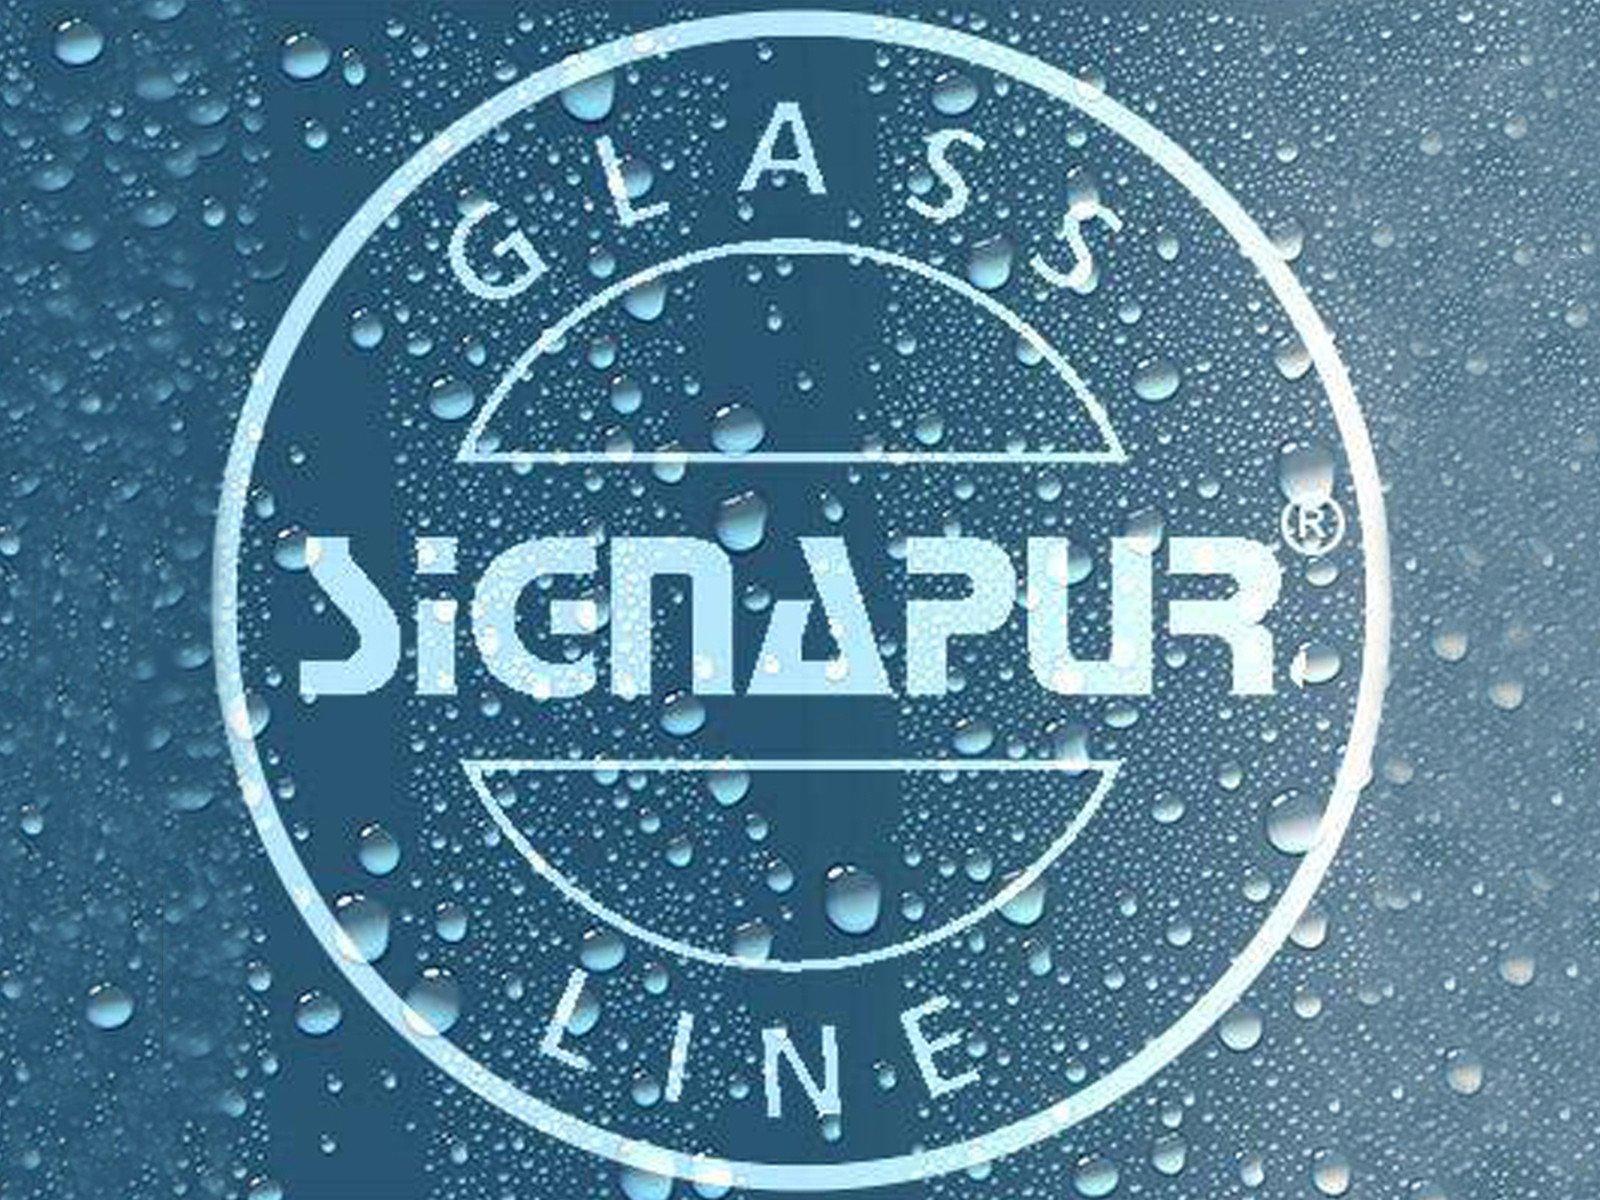 SIGNAPUR mit Lotuseffekt für eine optimale Versiegelung von Glas